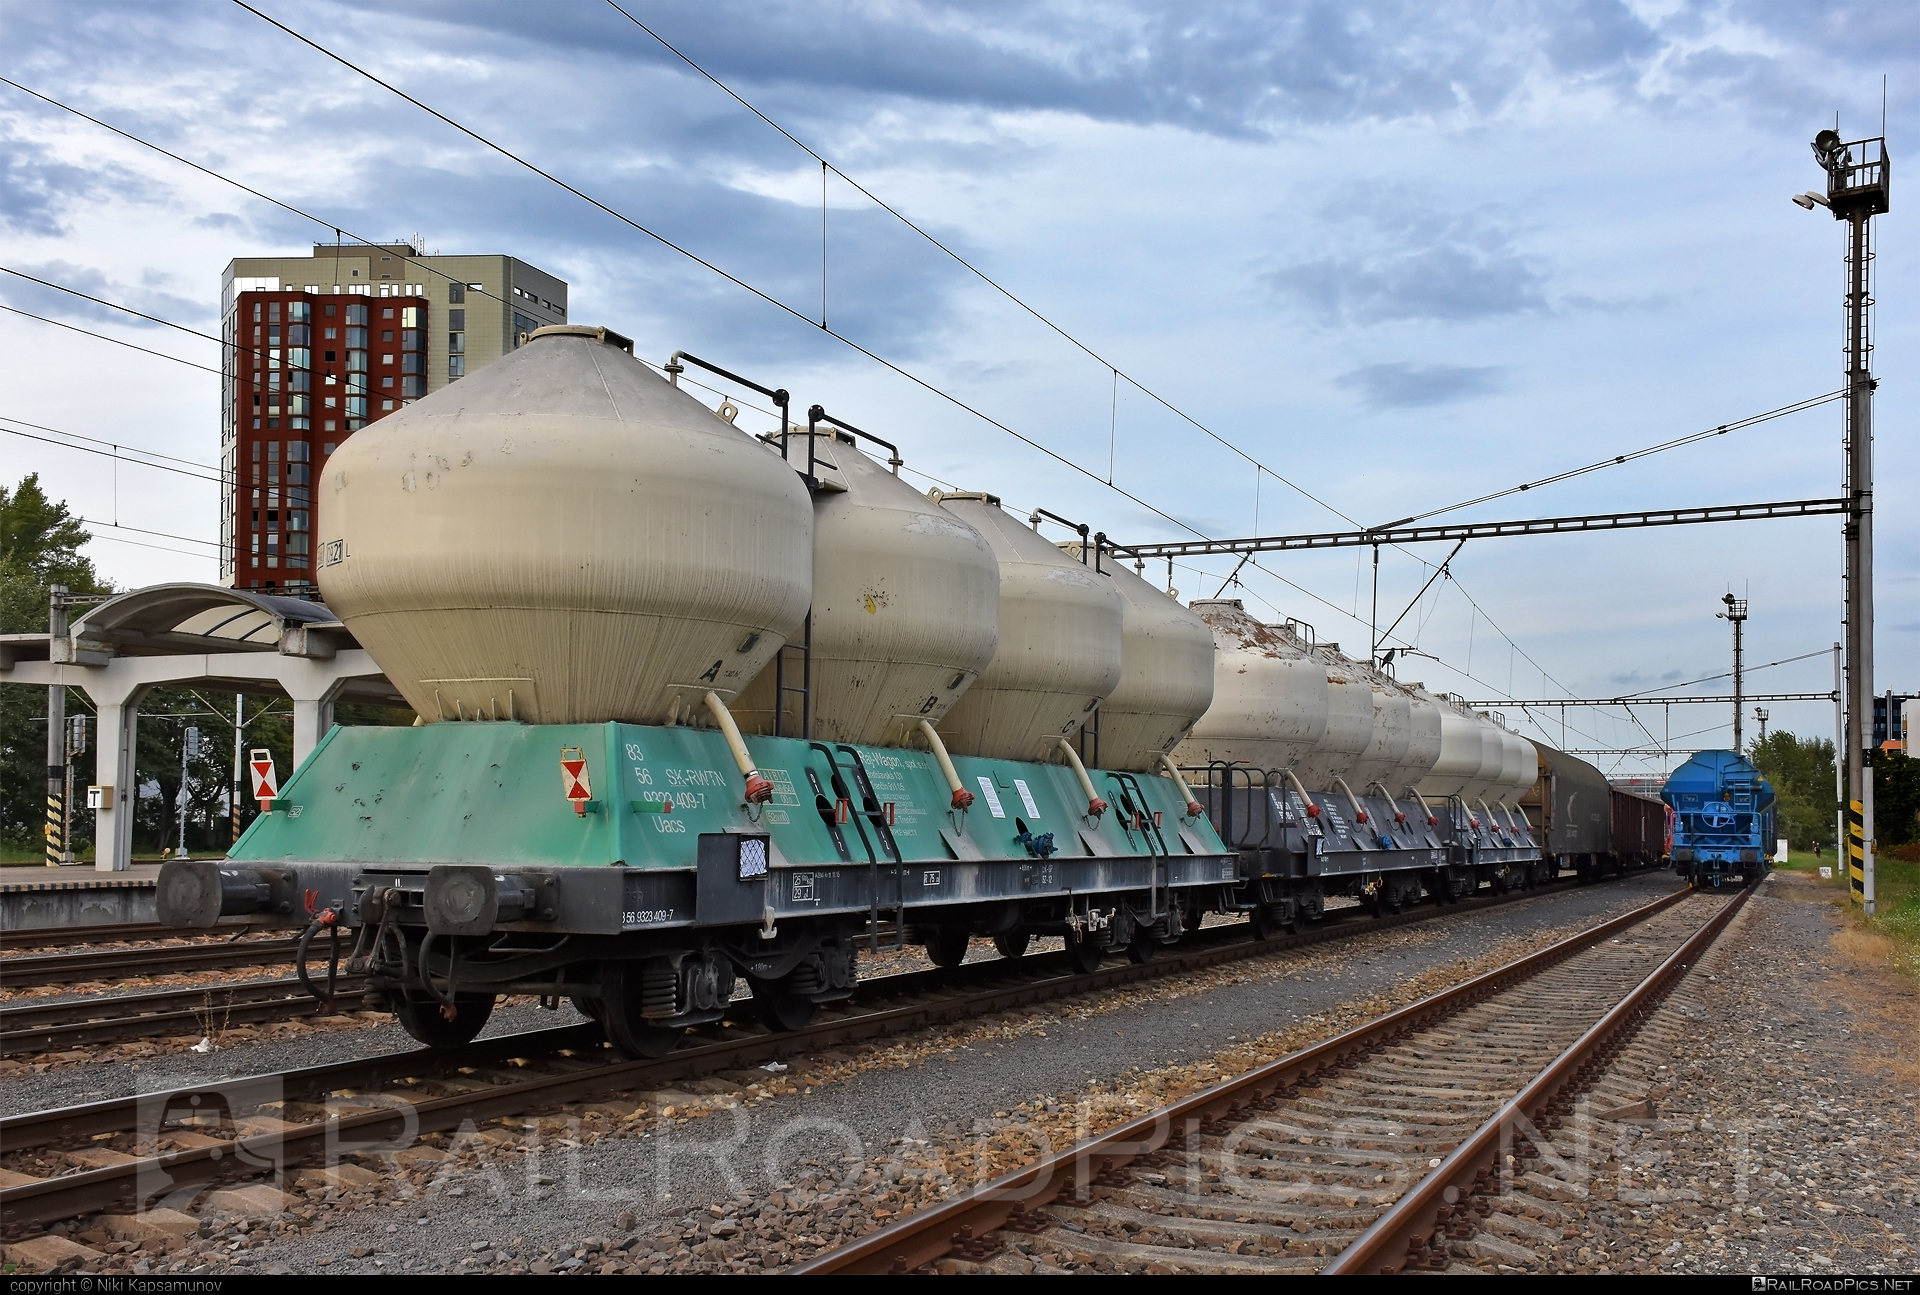 Class U - Uacs - 83 56 9323 409-7 operated by Raj-Wagon spol. s.r.o. #raj-wagon #rwtn #uacs